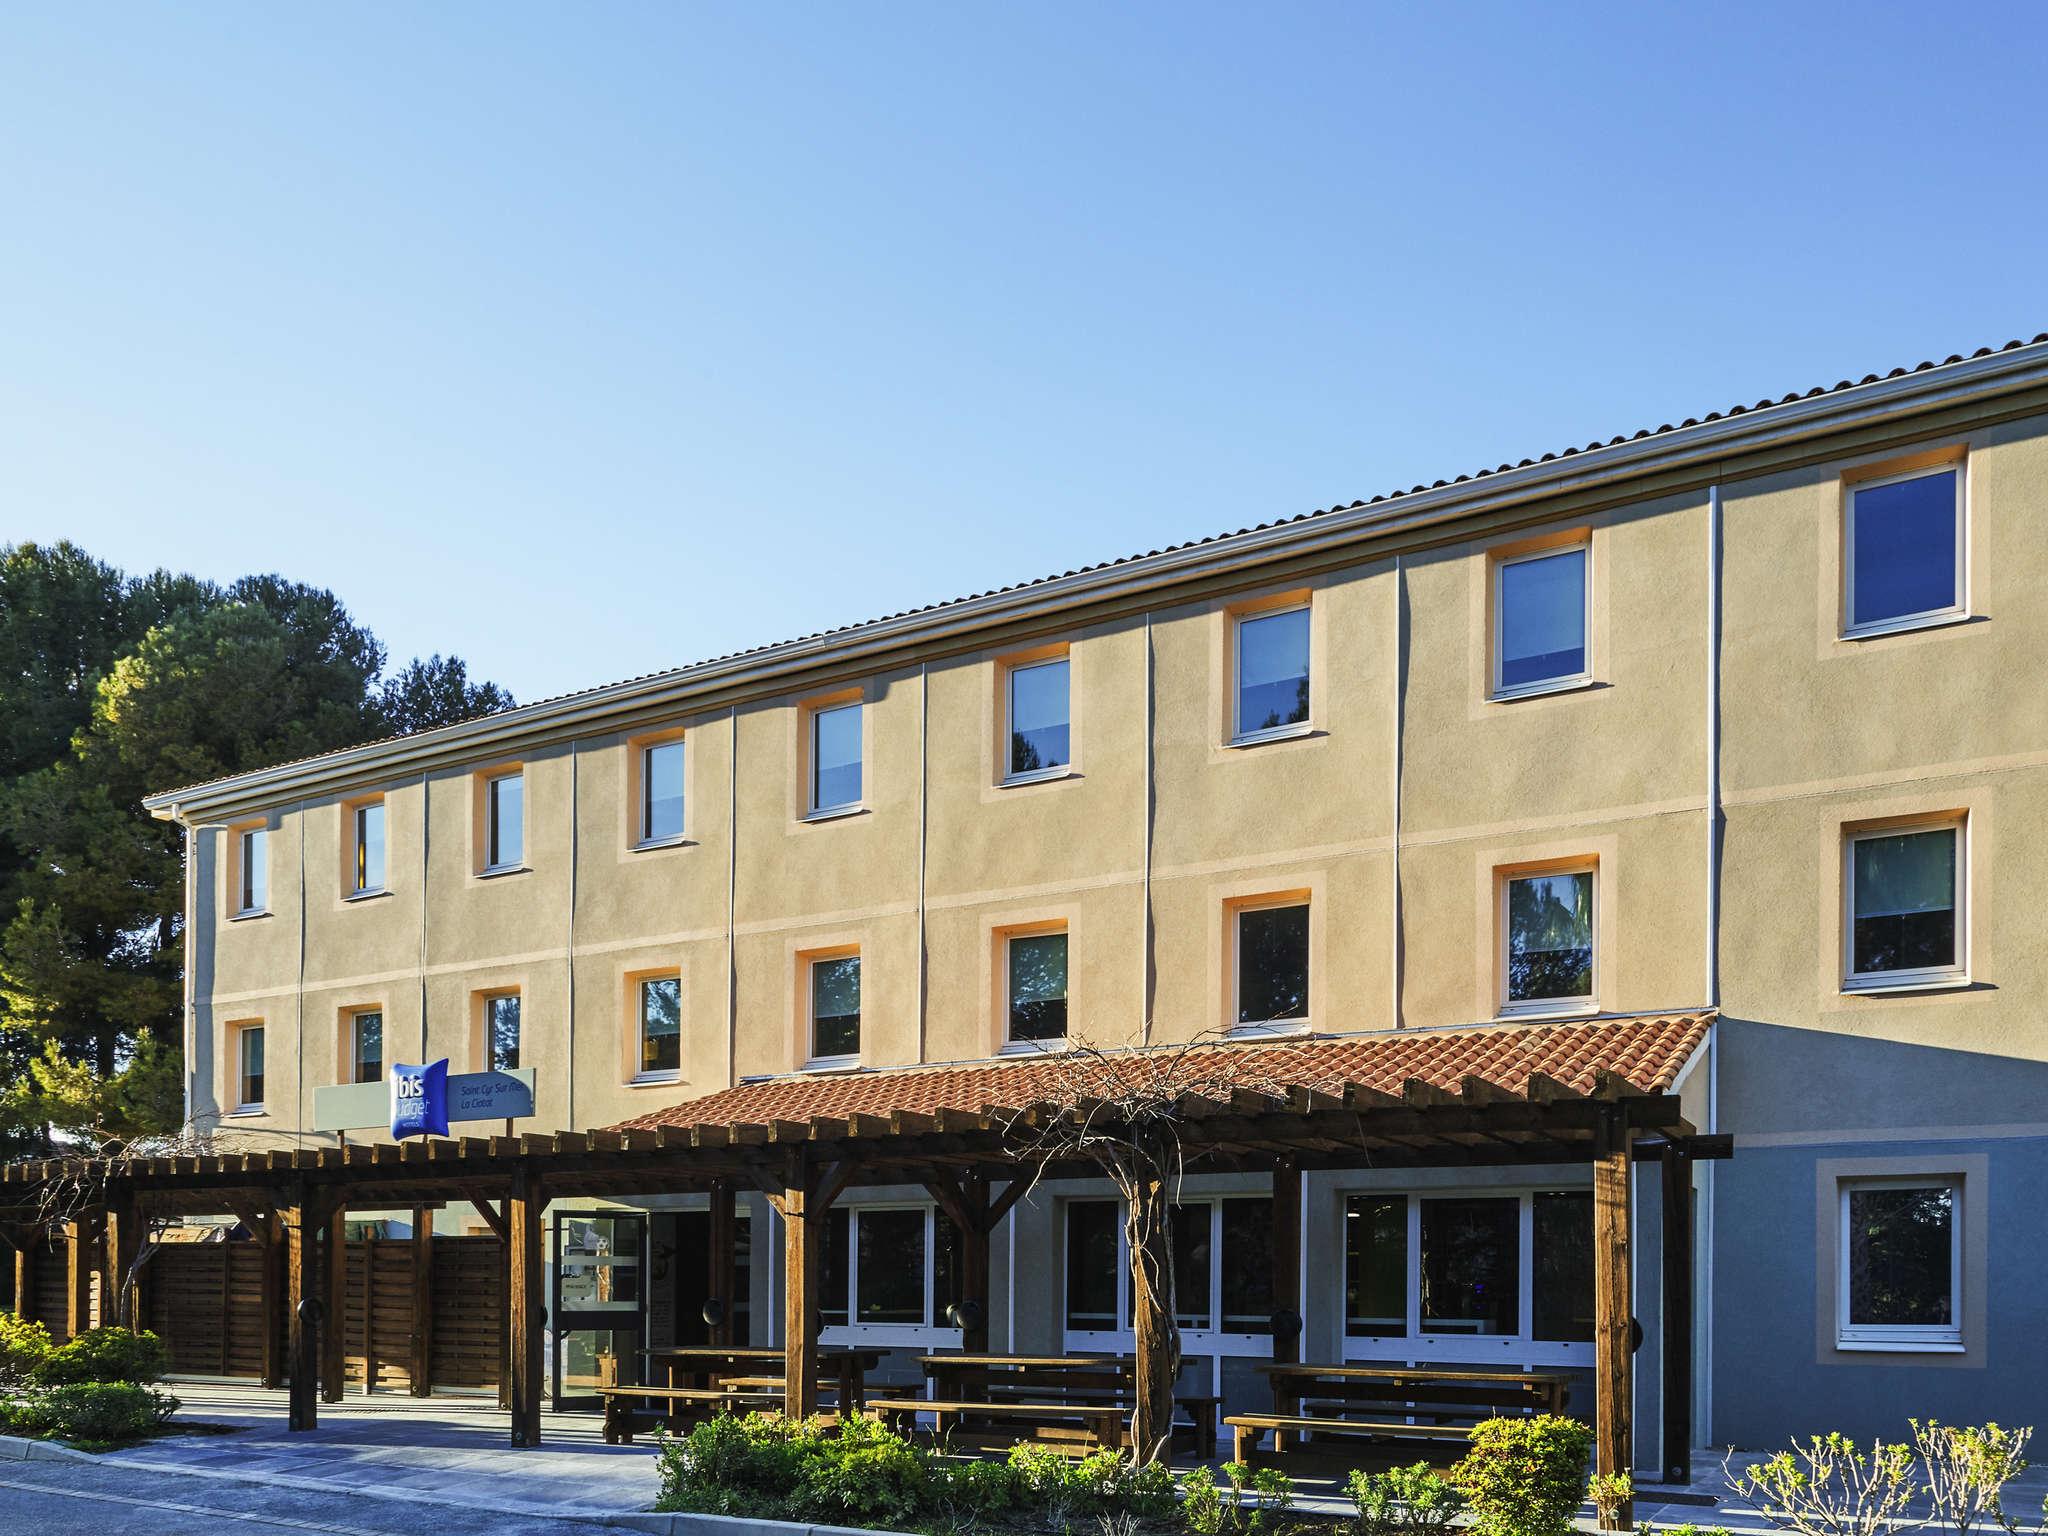 فندق - ibis budget Saint-Cyr-sur-Mer La Ciotat